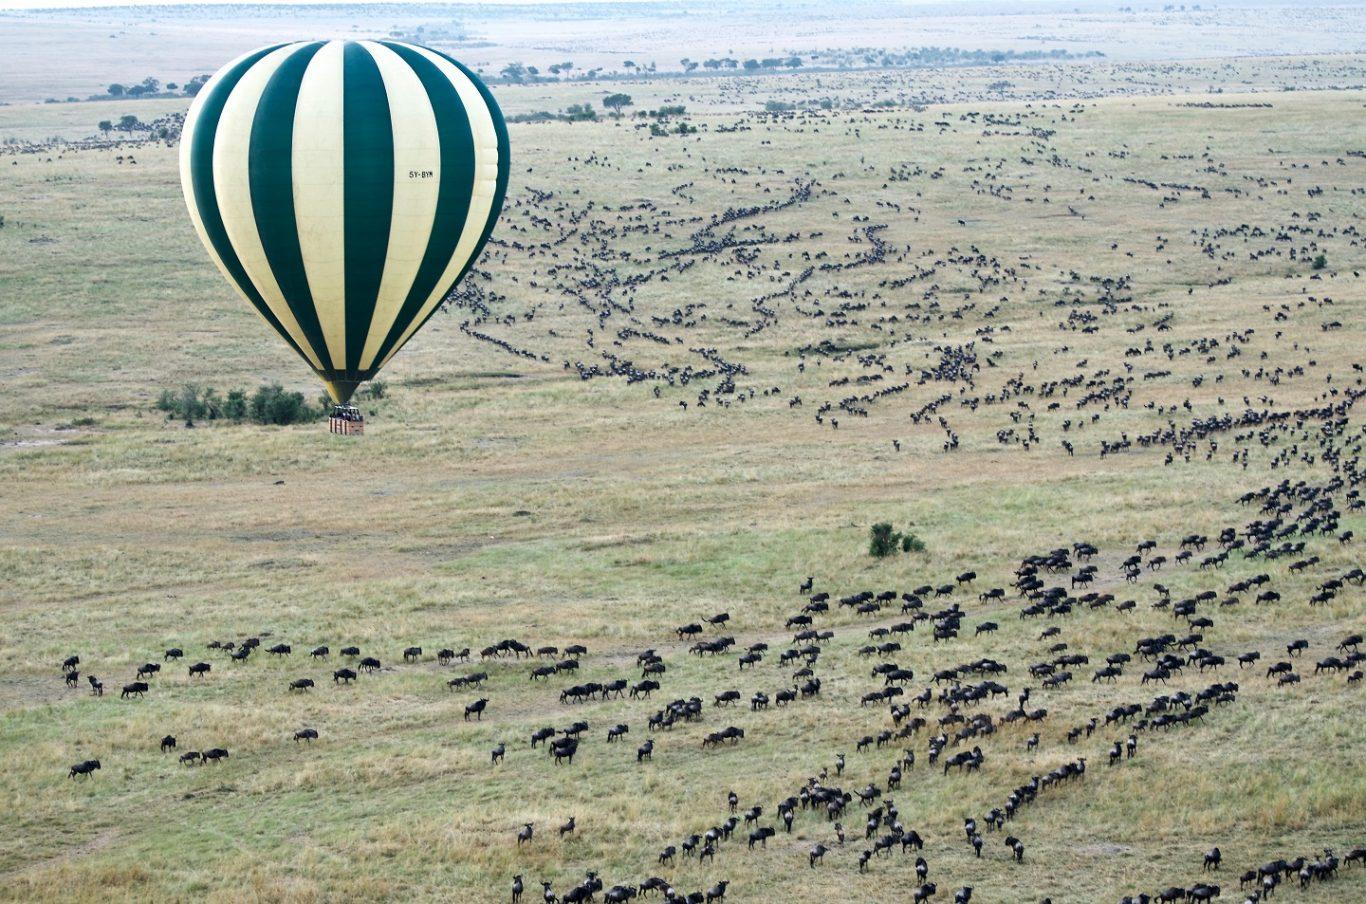 Balloon Safaris in Serengeti